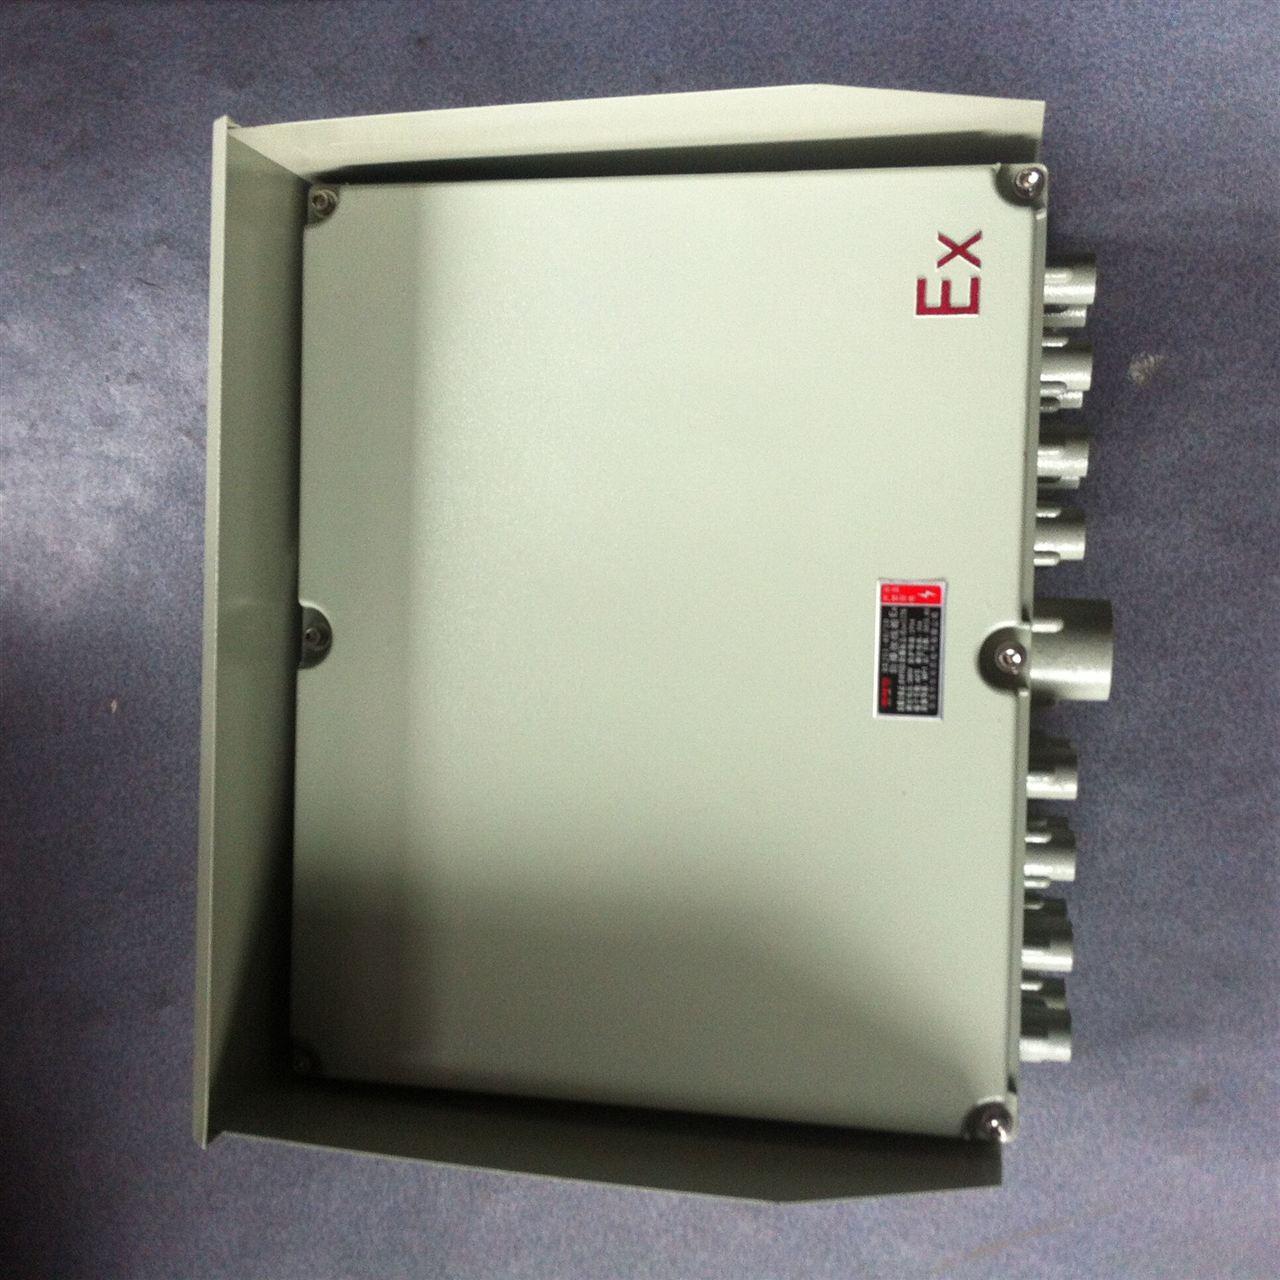 防爆电器 防爆接线盒 bjx51